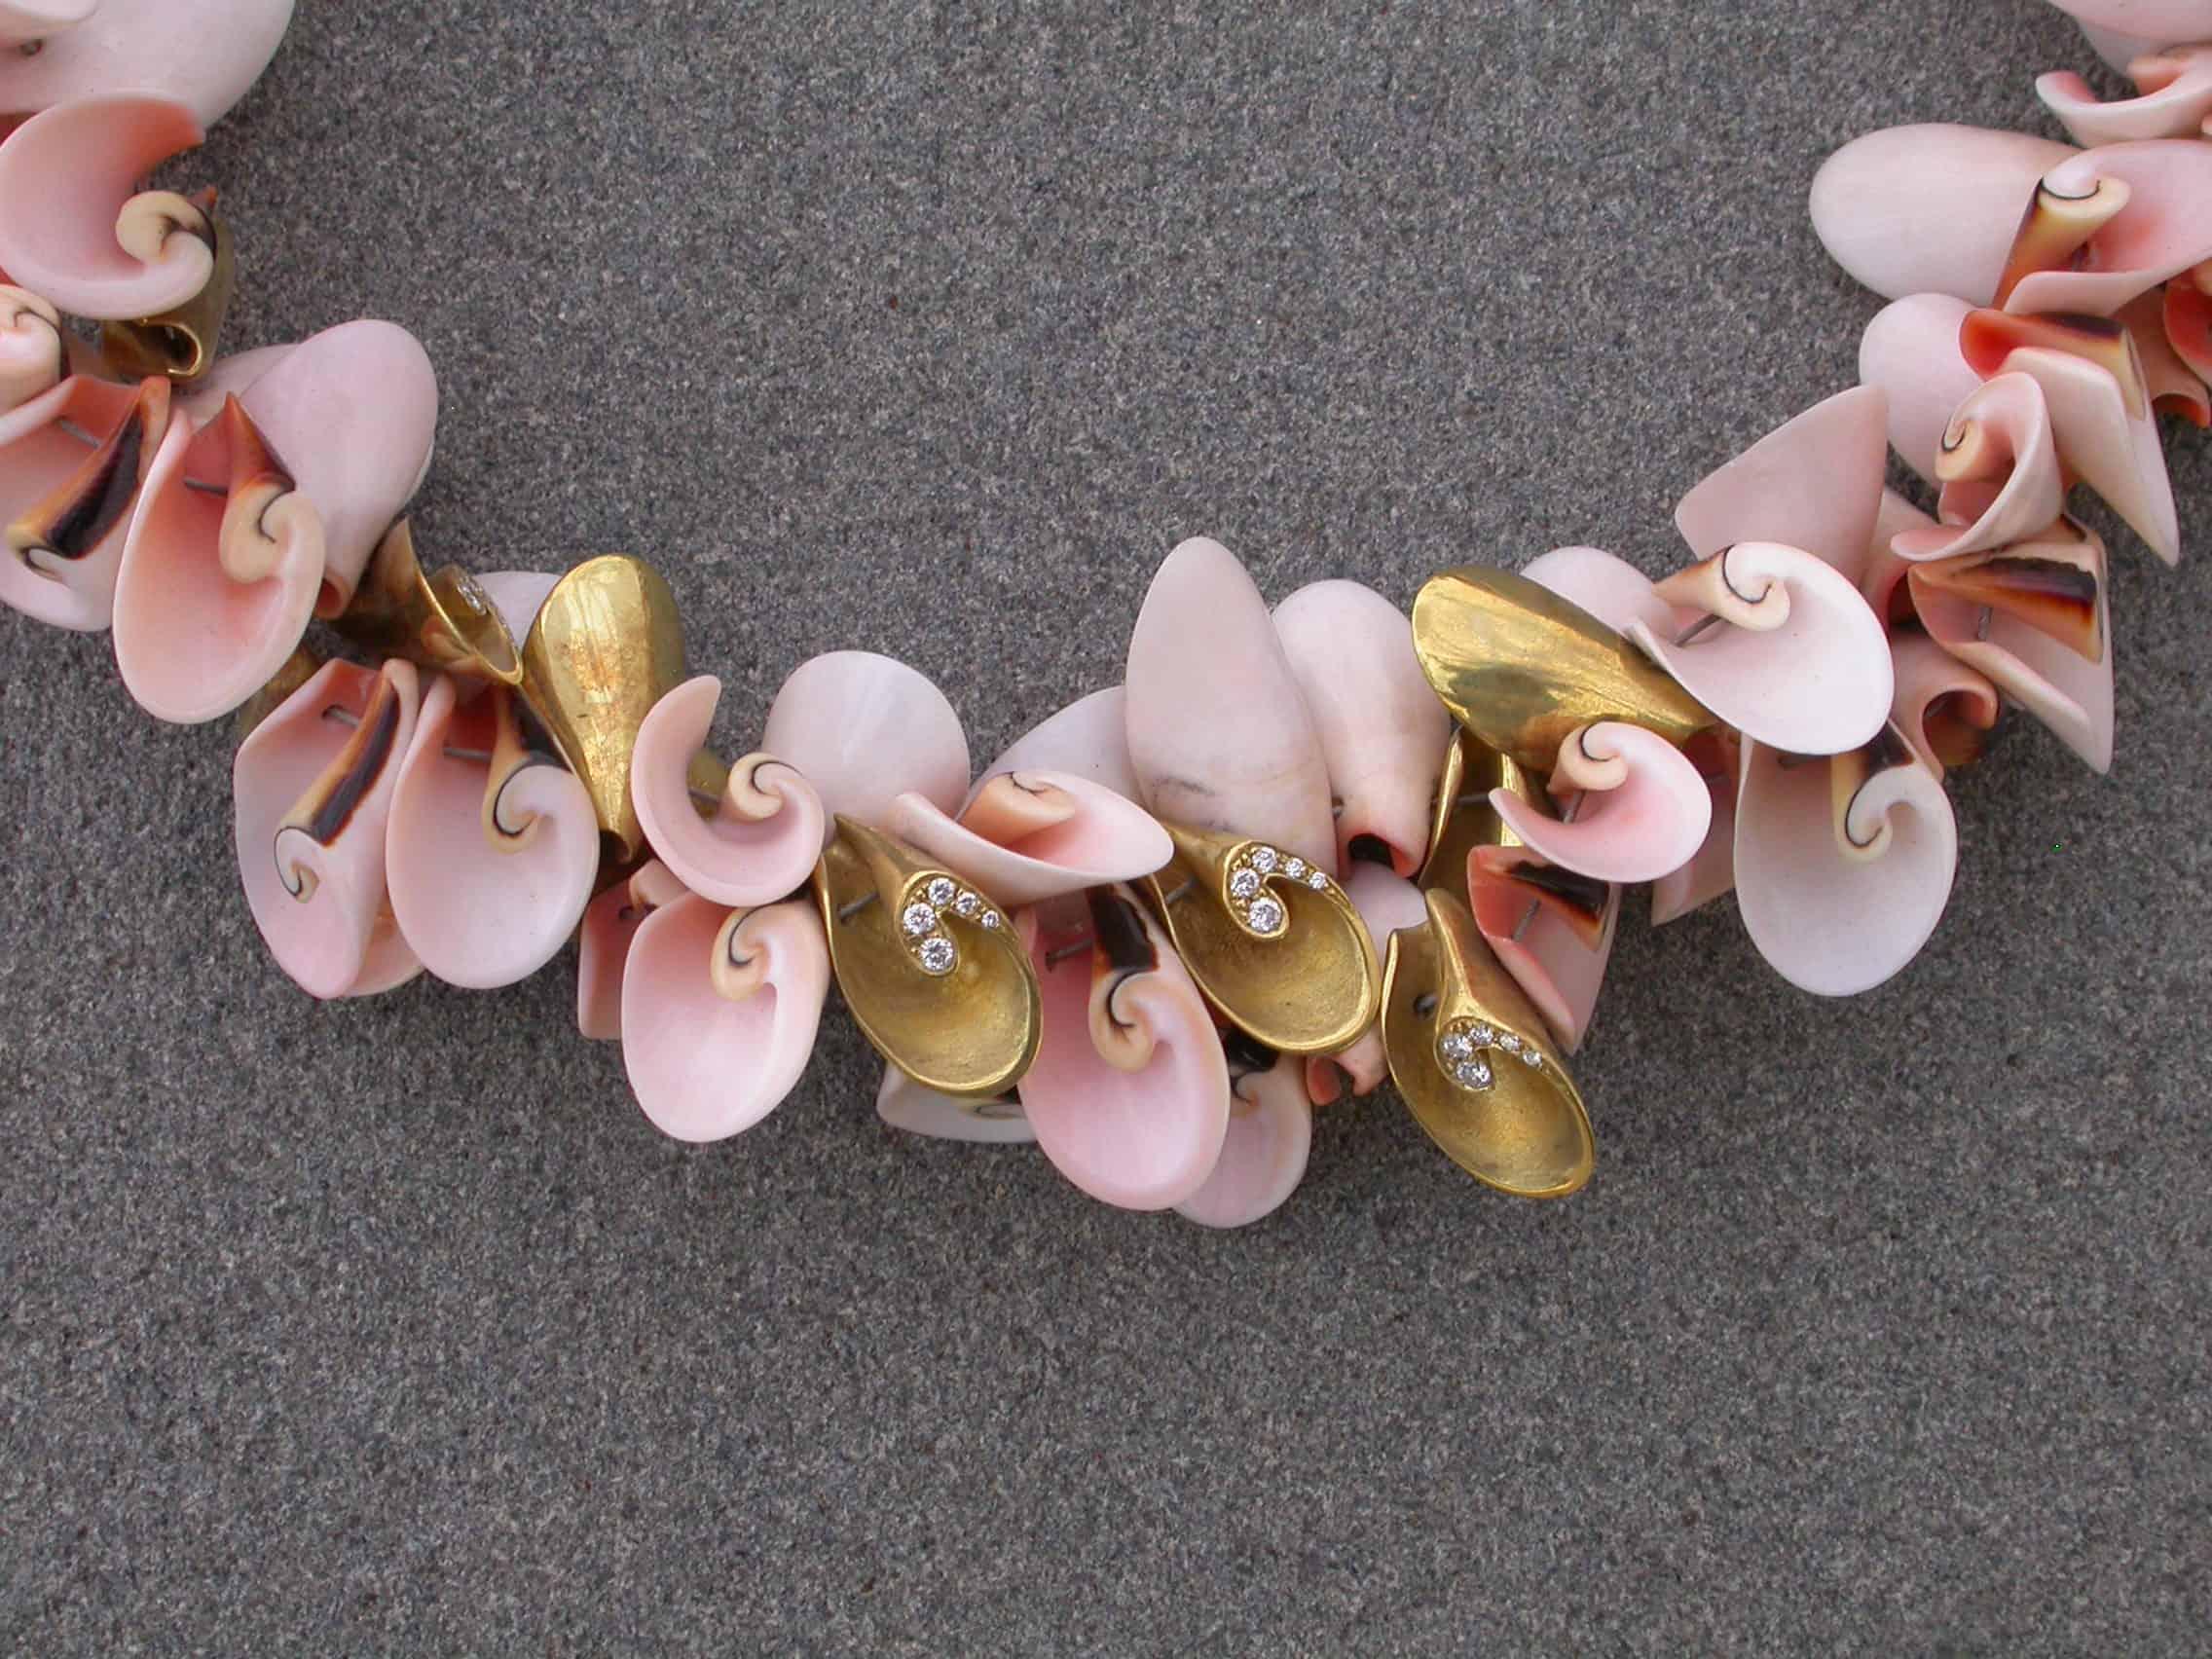 Unique-necklaces-shells-shells-diamonds-18k-gold